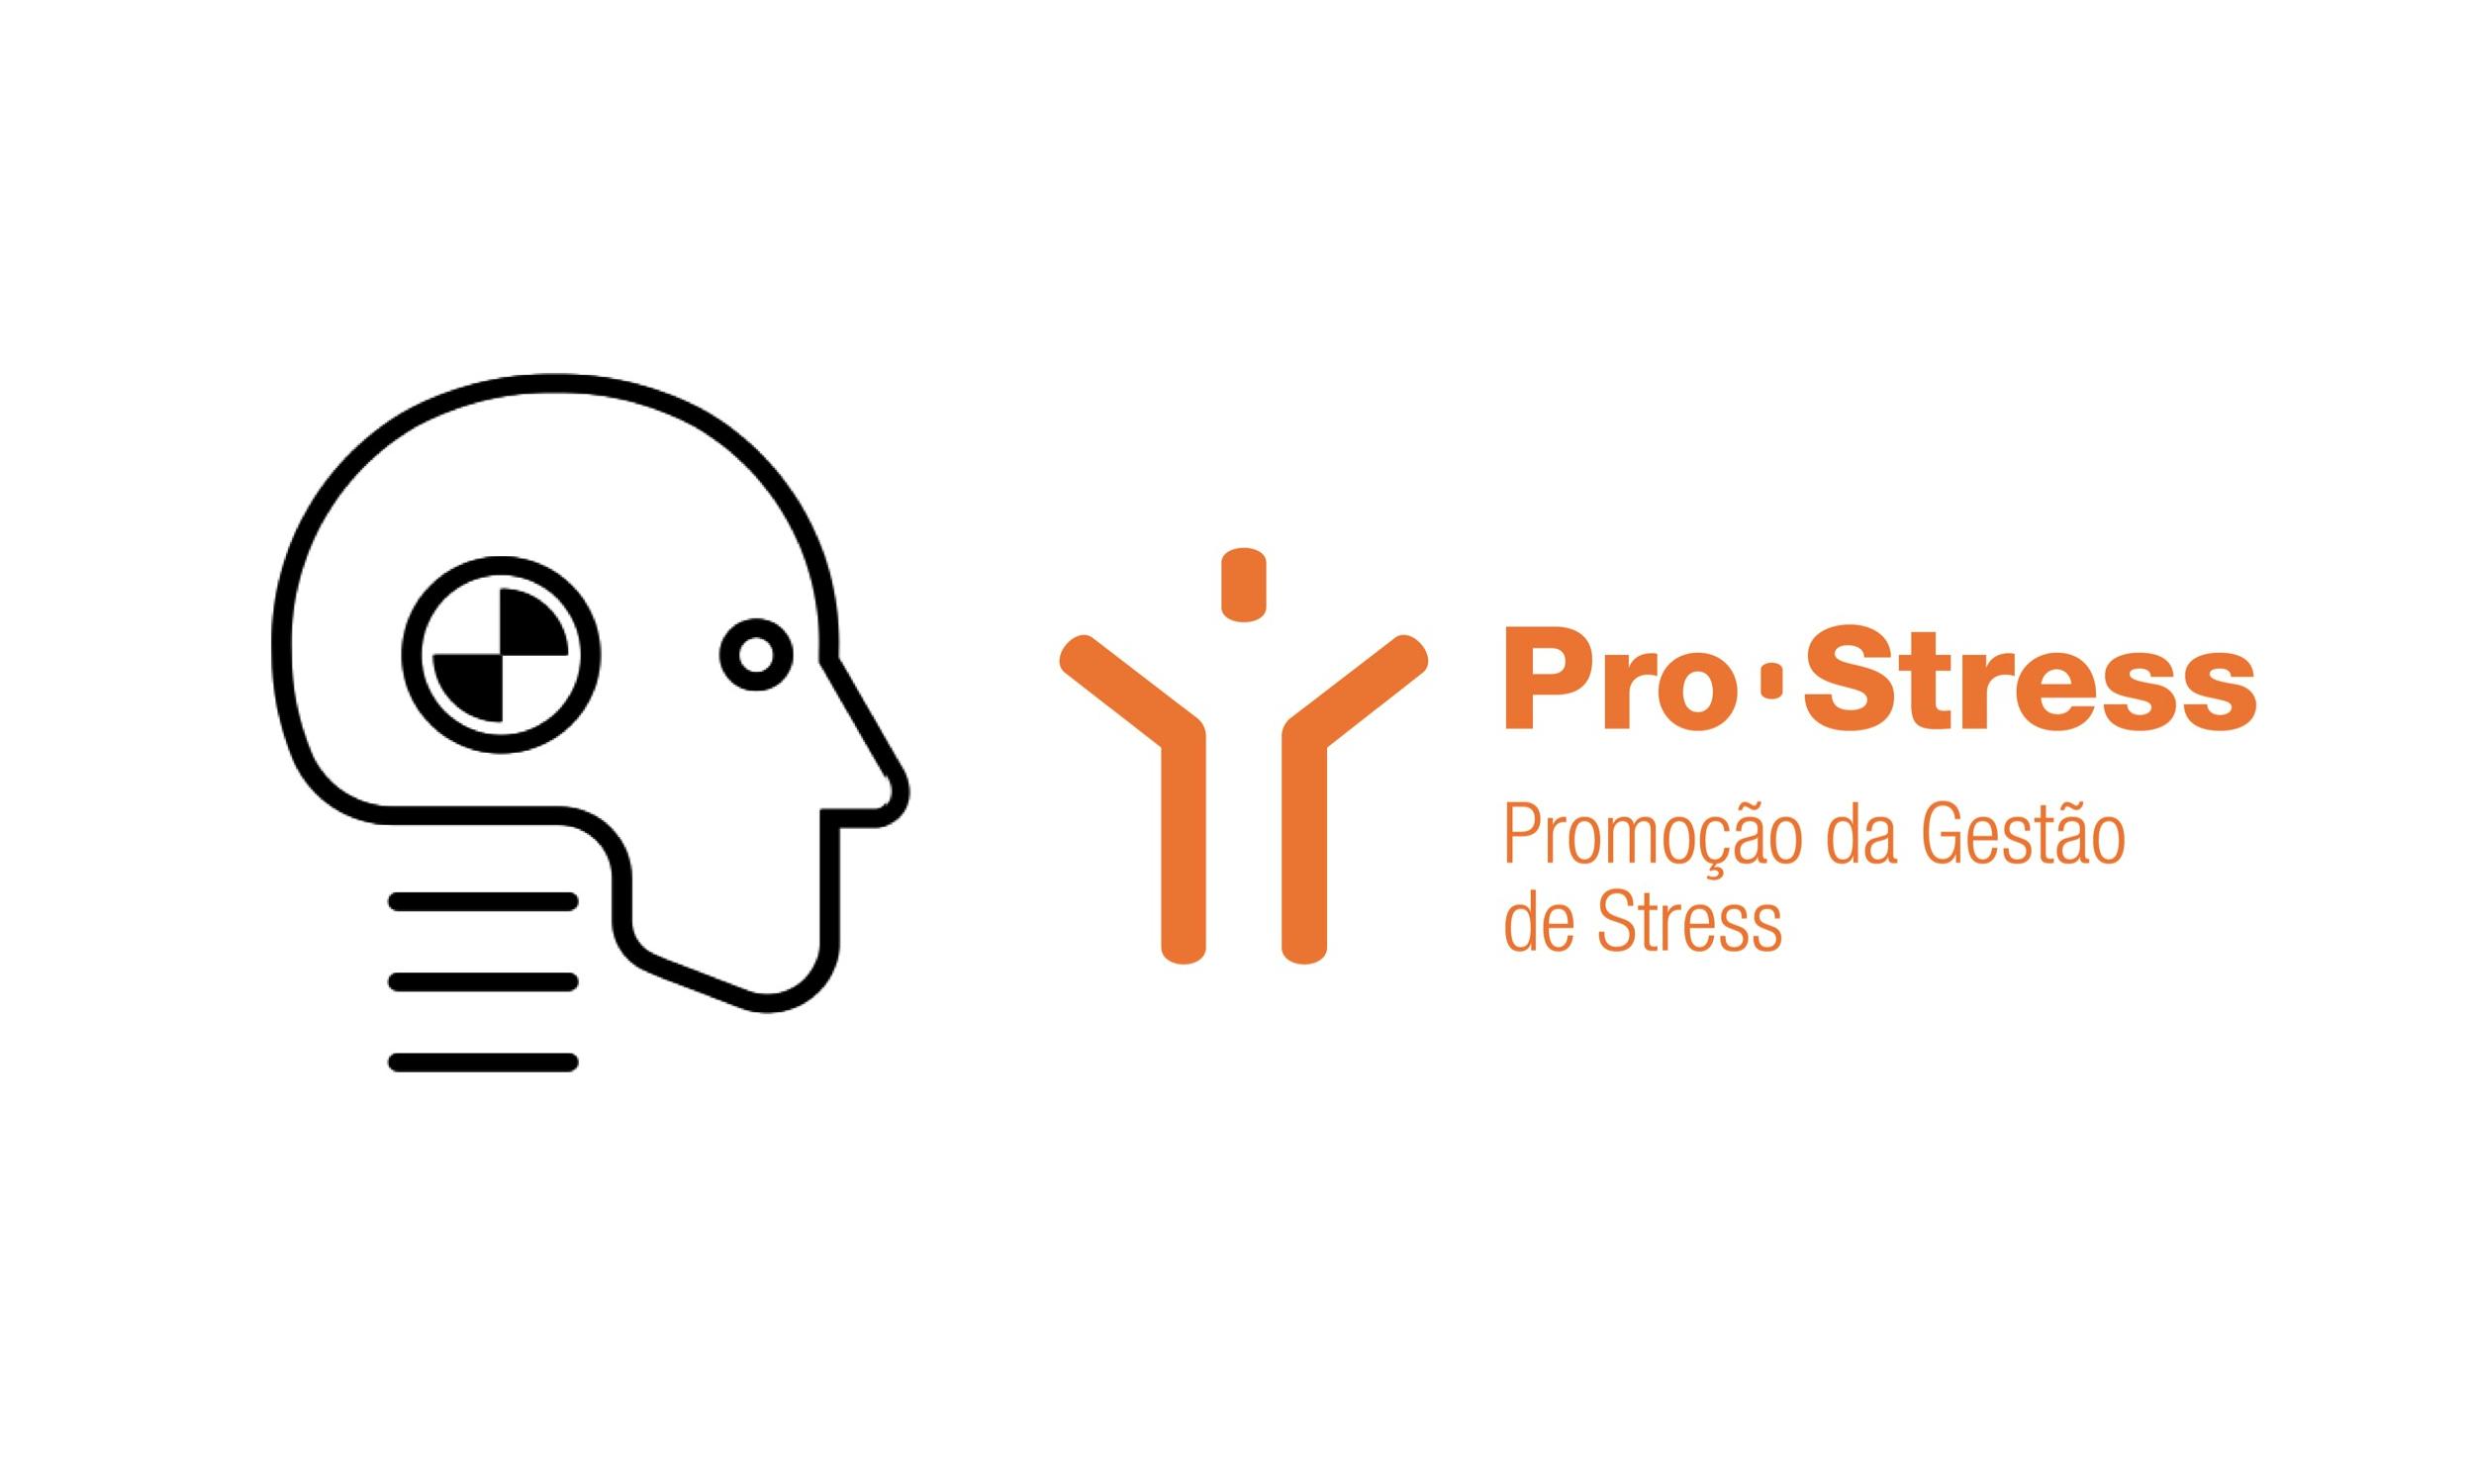 Avaliação da sua competência de gestão de stress